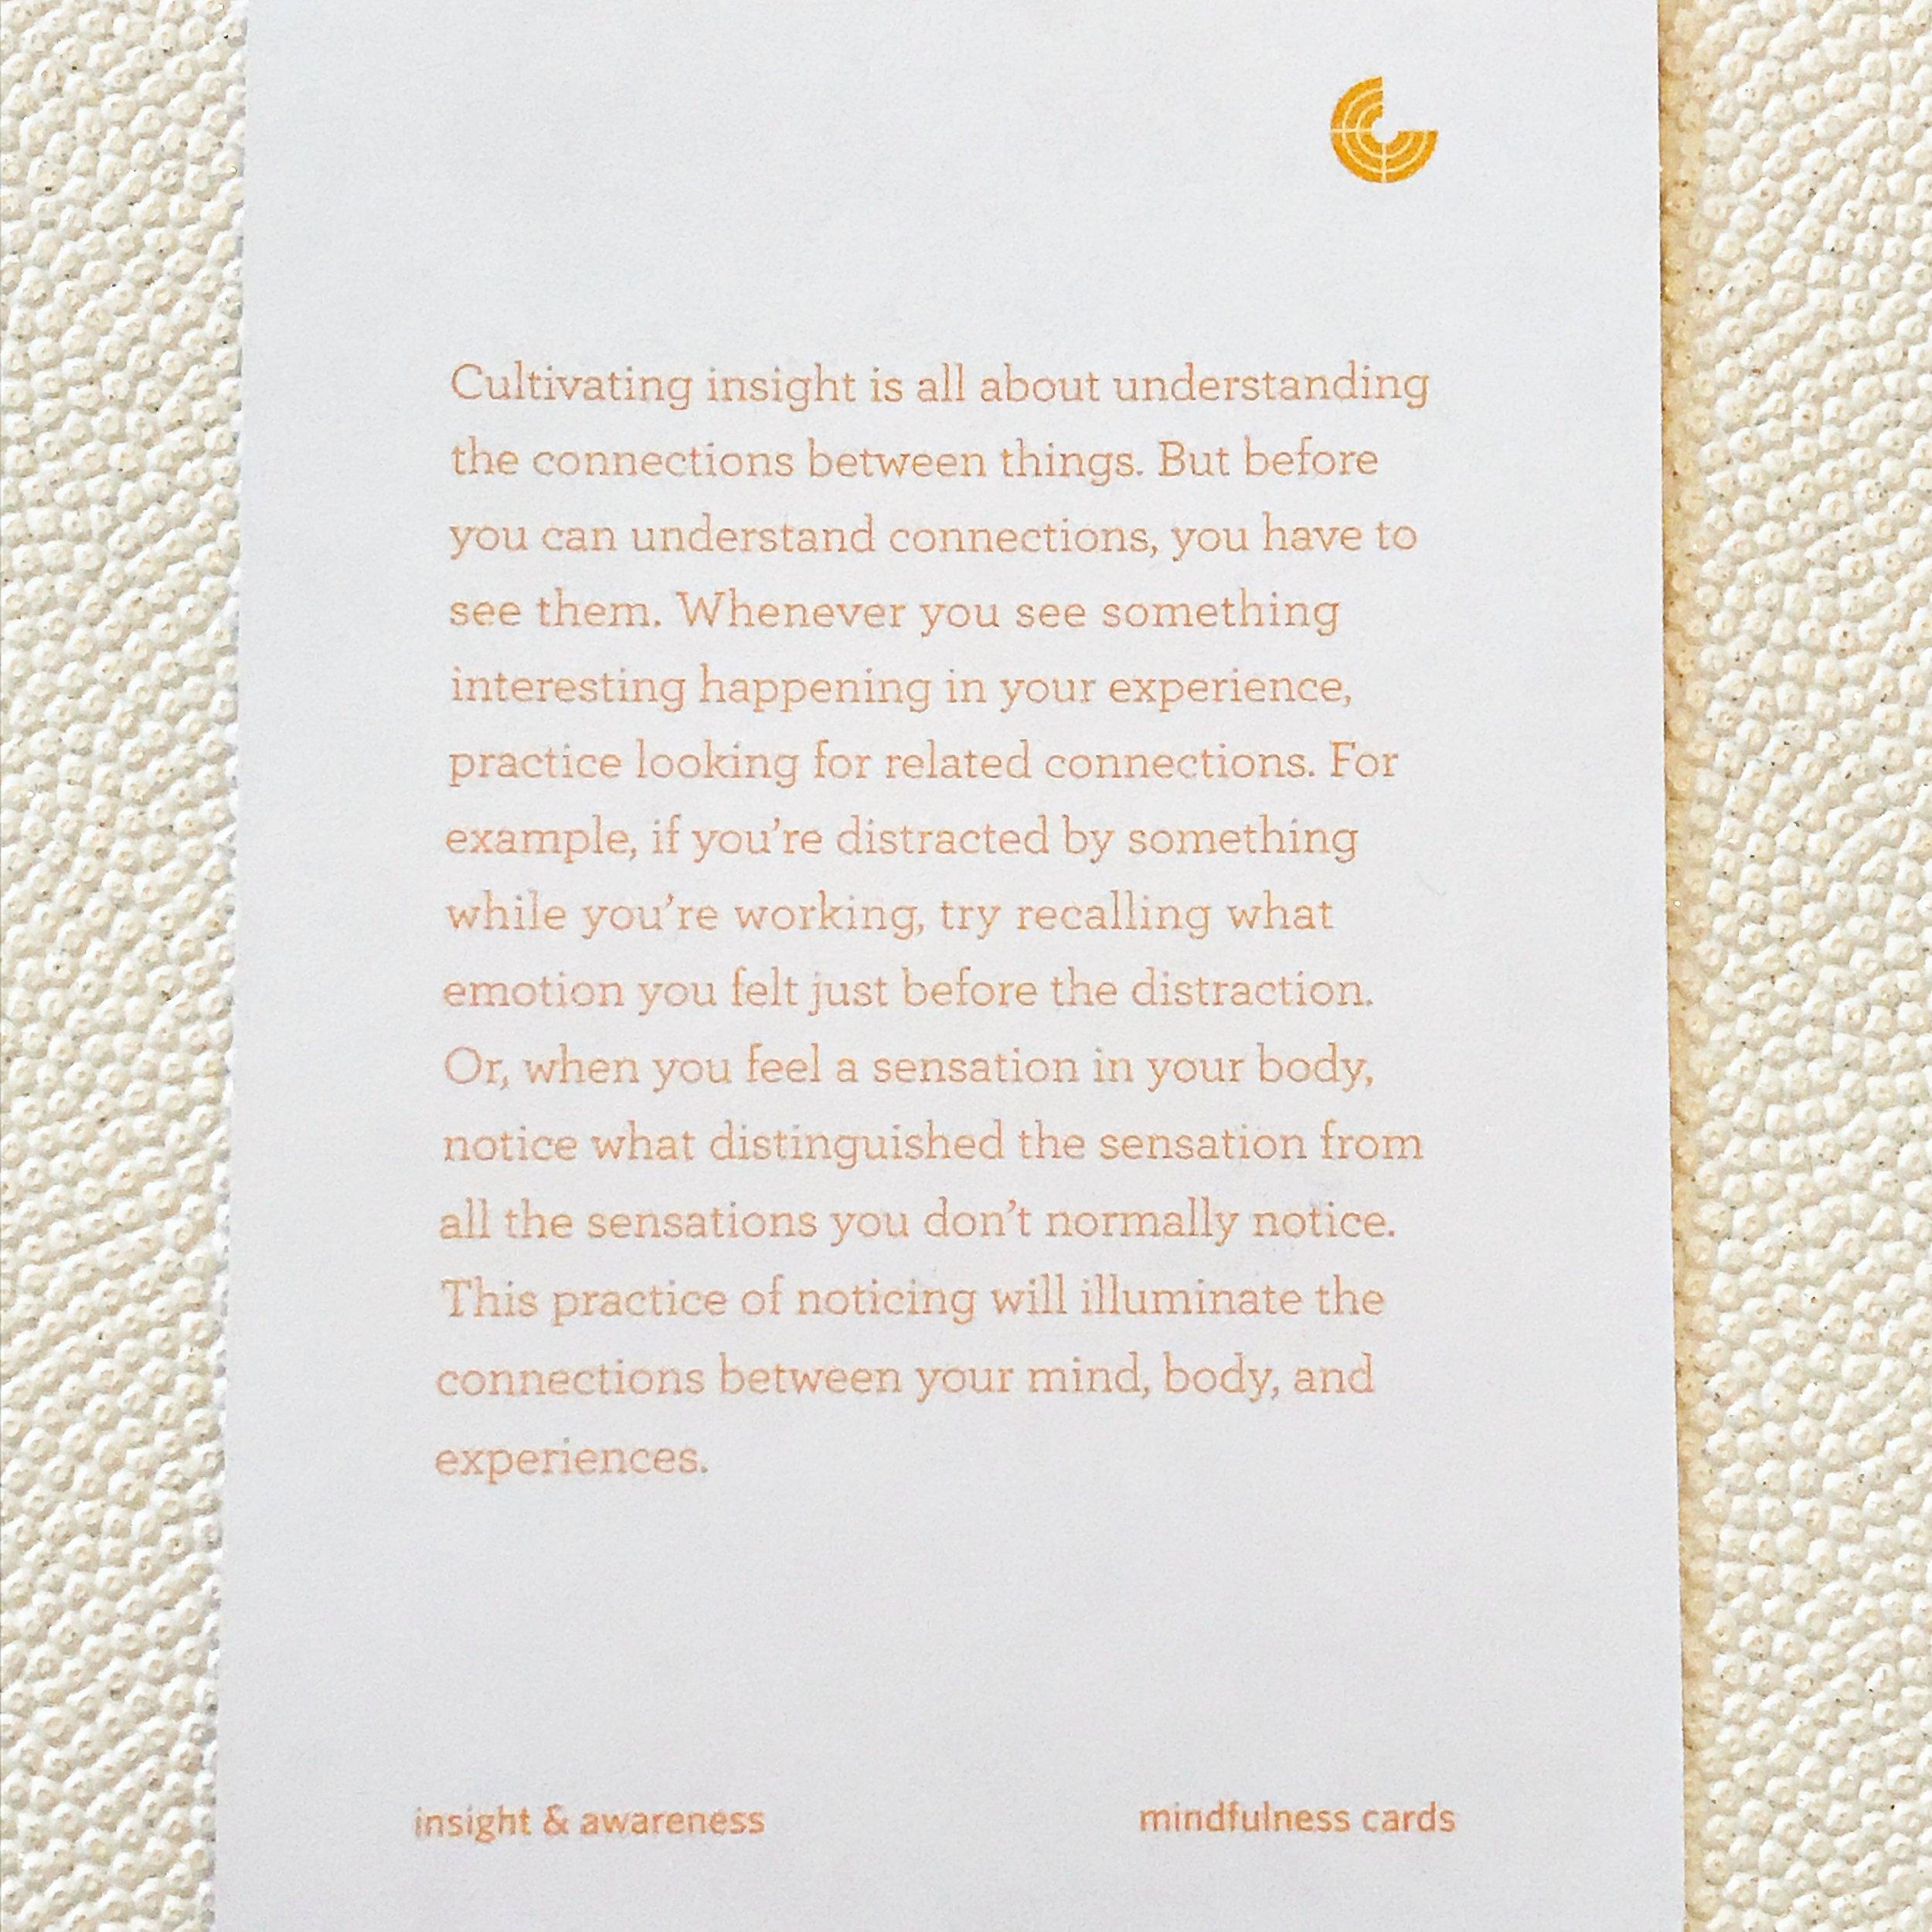 mindful card 2.jpg